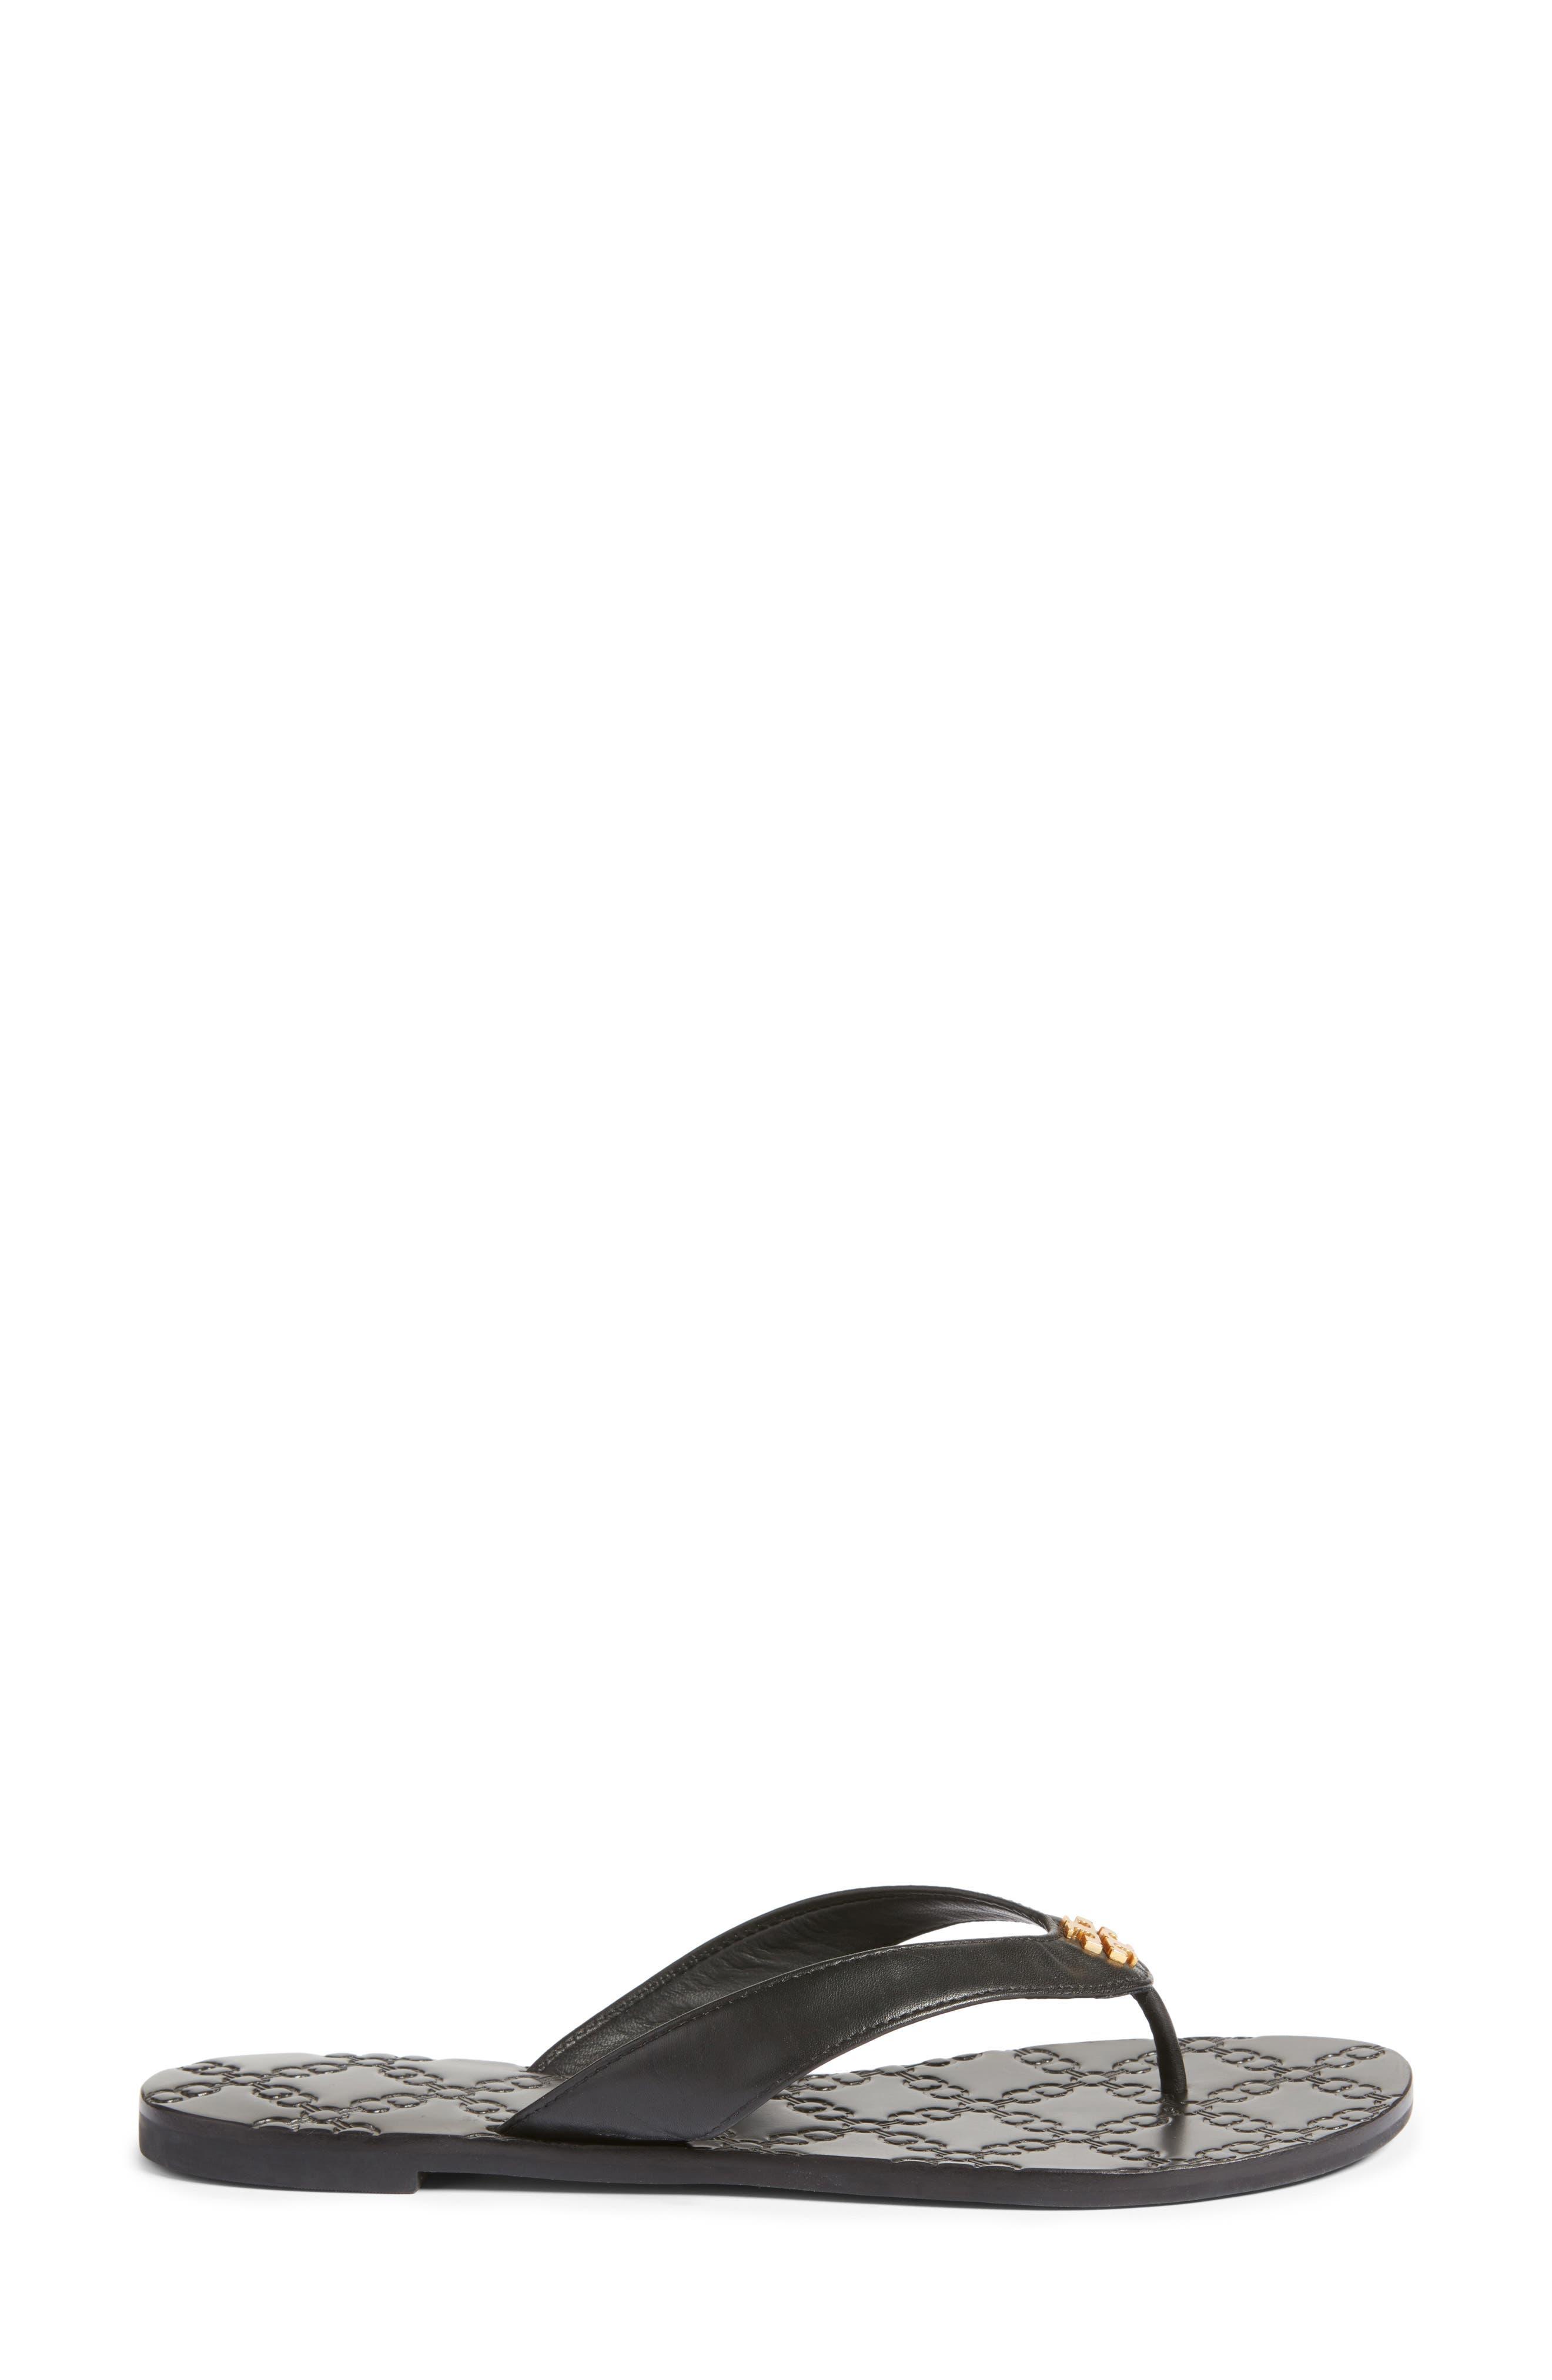 Monroe Flip Flop,                             Alternate thumbnail 3, color,                             Black